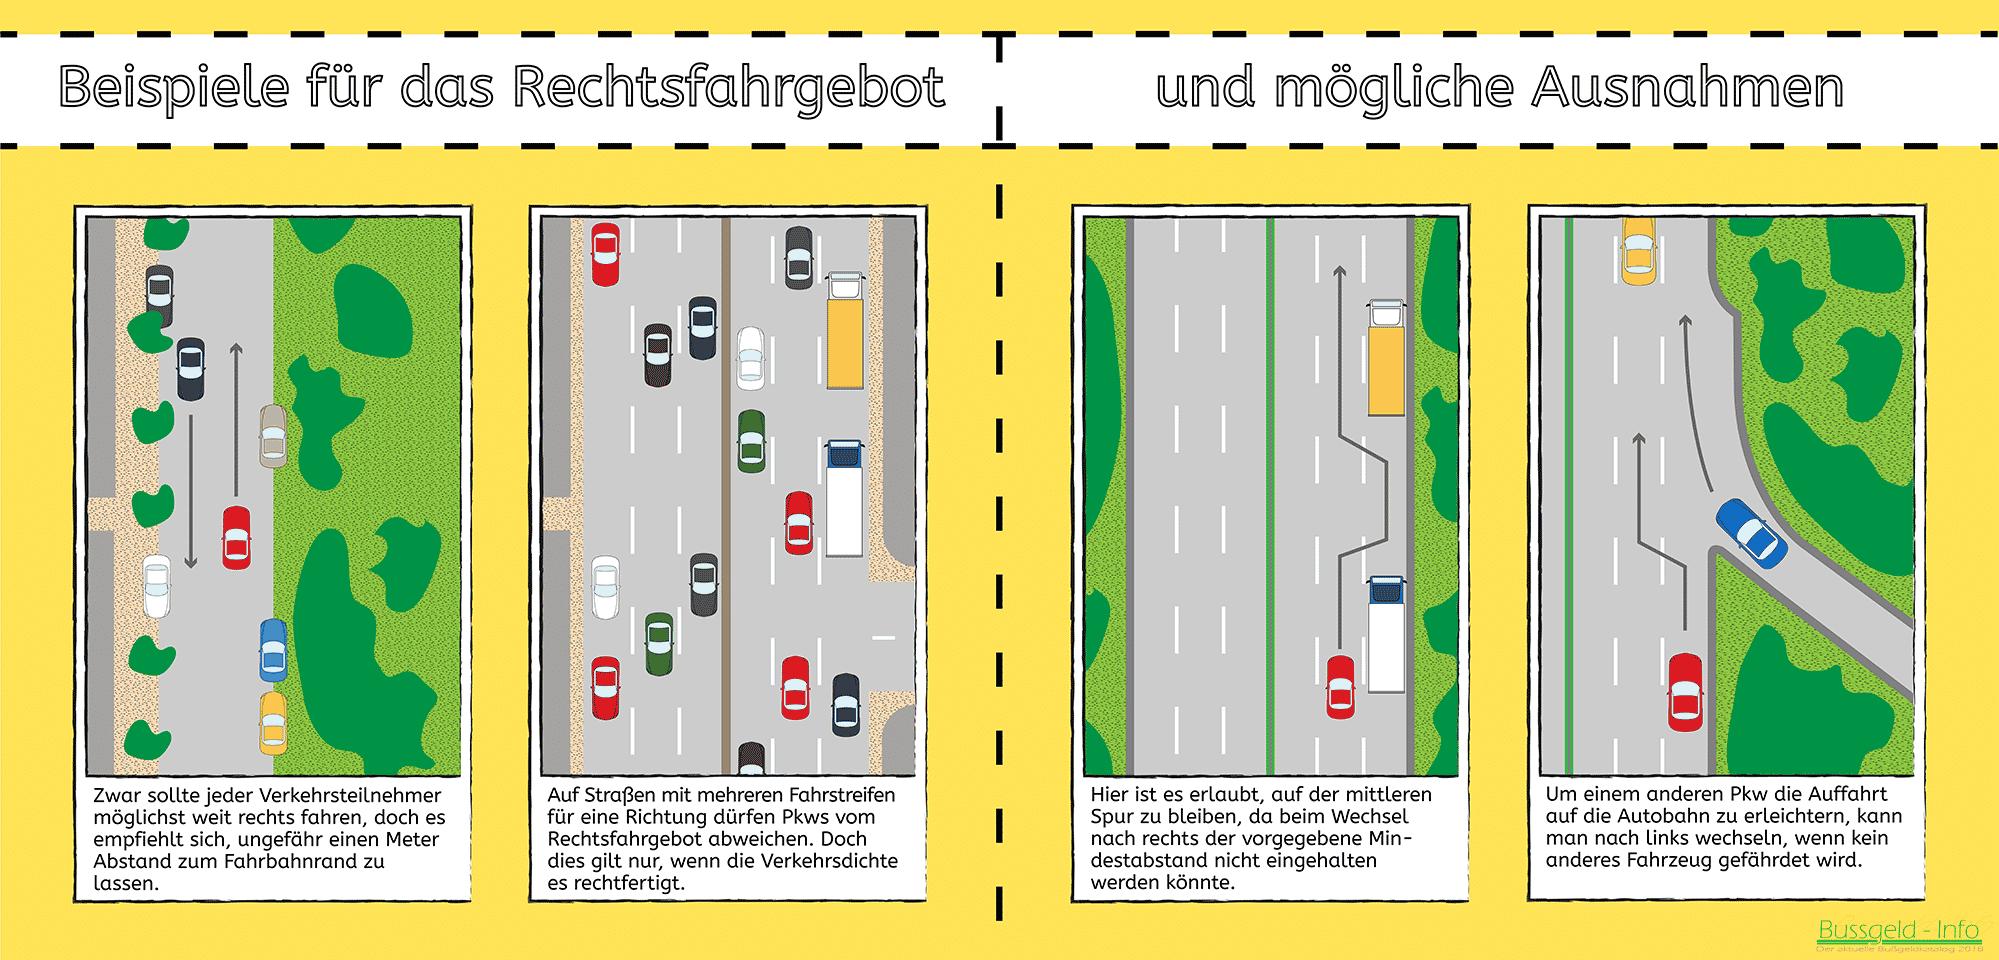 Rechtsfahrgebot Beispiele für Innerorts und Autobahn